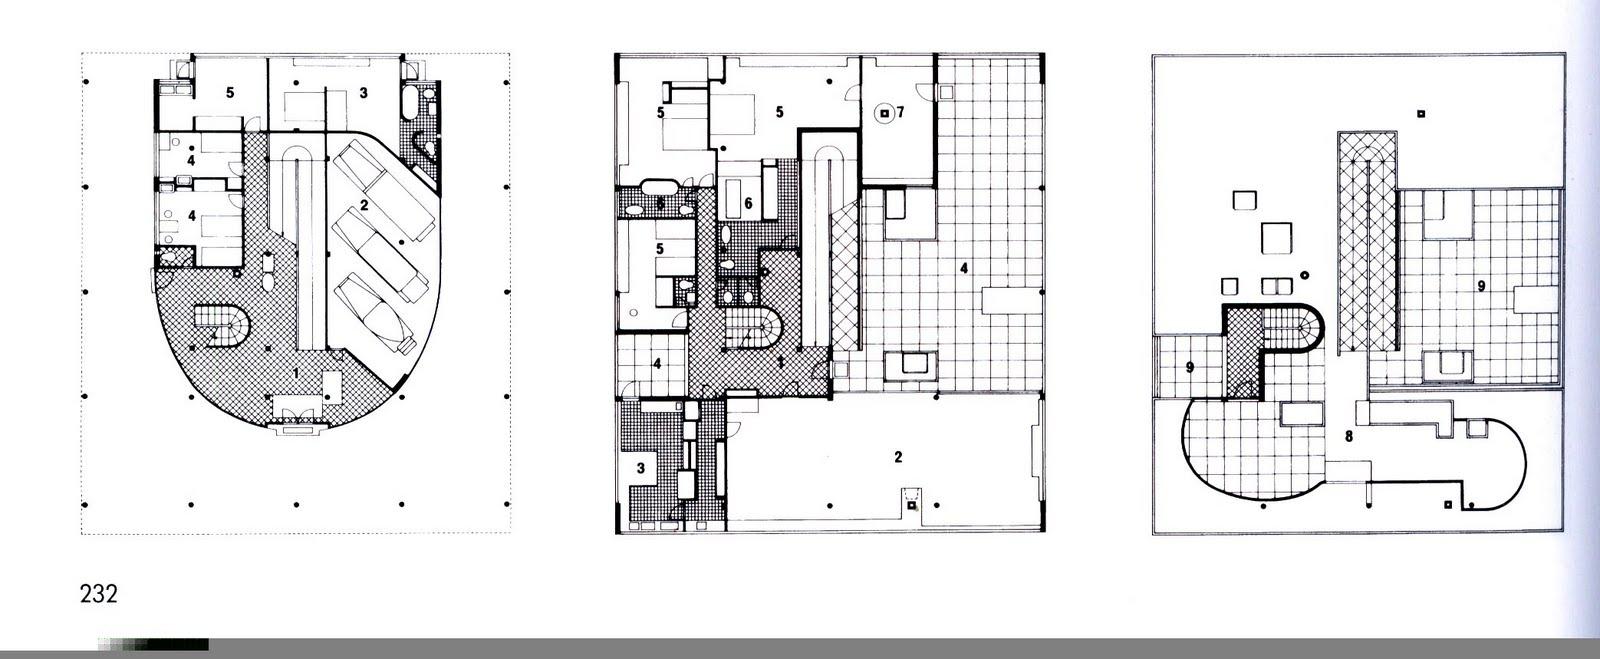 aa joseph vallot courte histoire de l 39 architecture partie 2 le modernisme. Black Bedroom Furniture Sets. Home Design Ideas